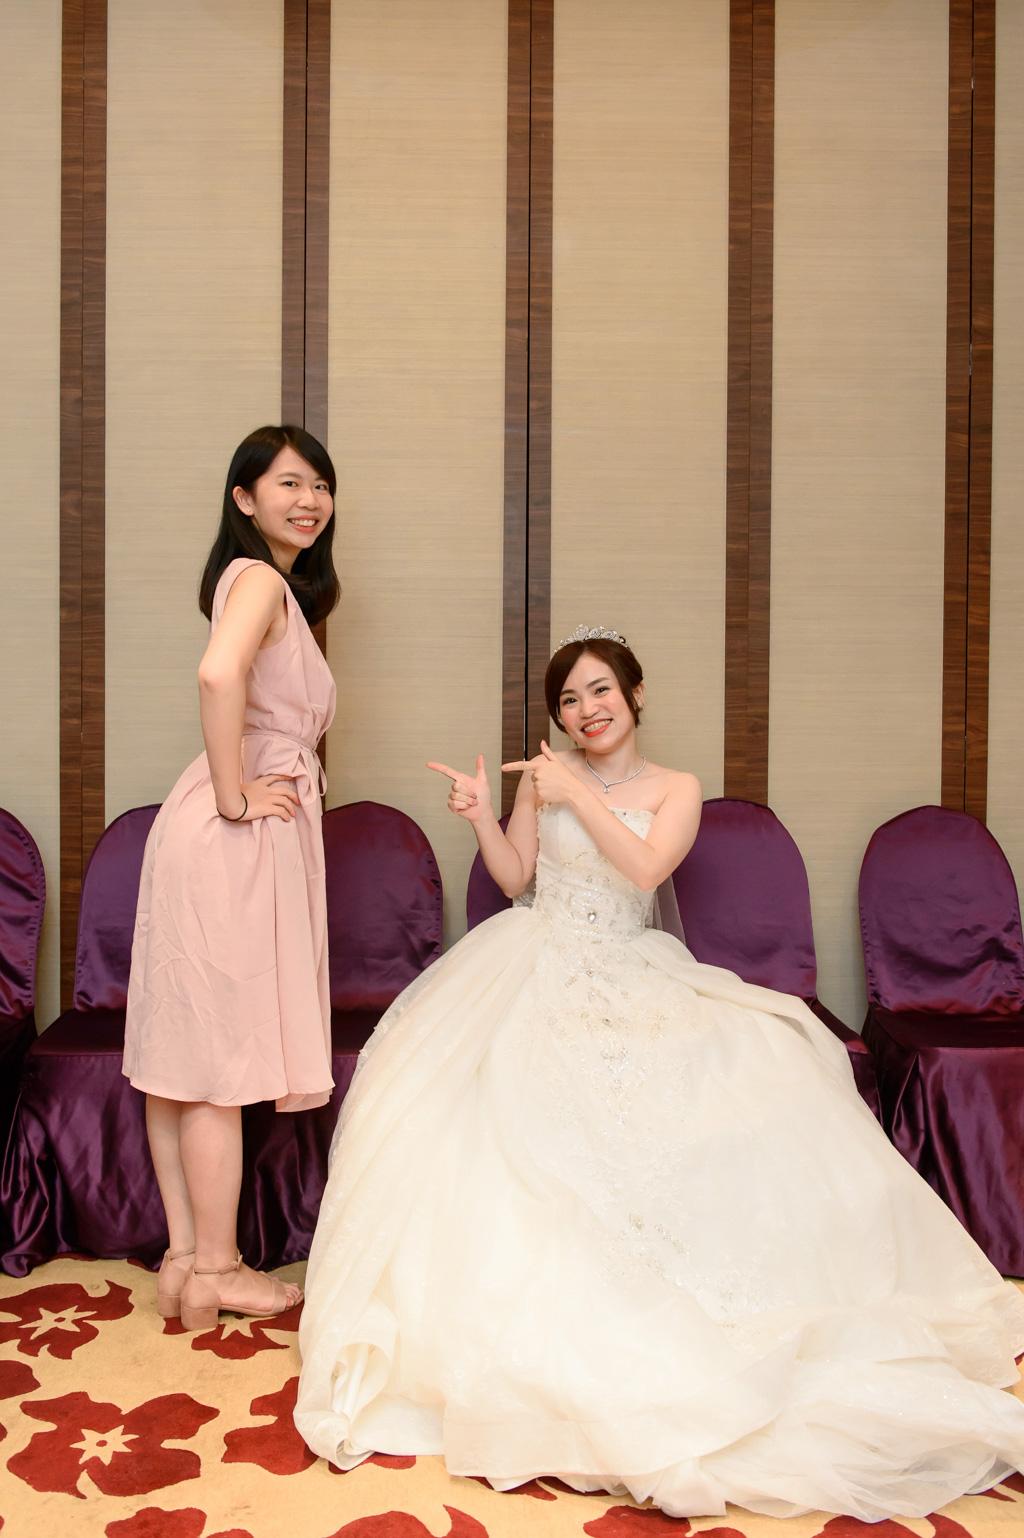 婚攝小勇, 小寶團隊, 台北婚攝, 中崙華漾, 中崙華漾婚宴, 中崙華漾婚攝, vivian, wedding day-034